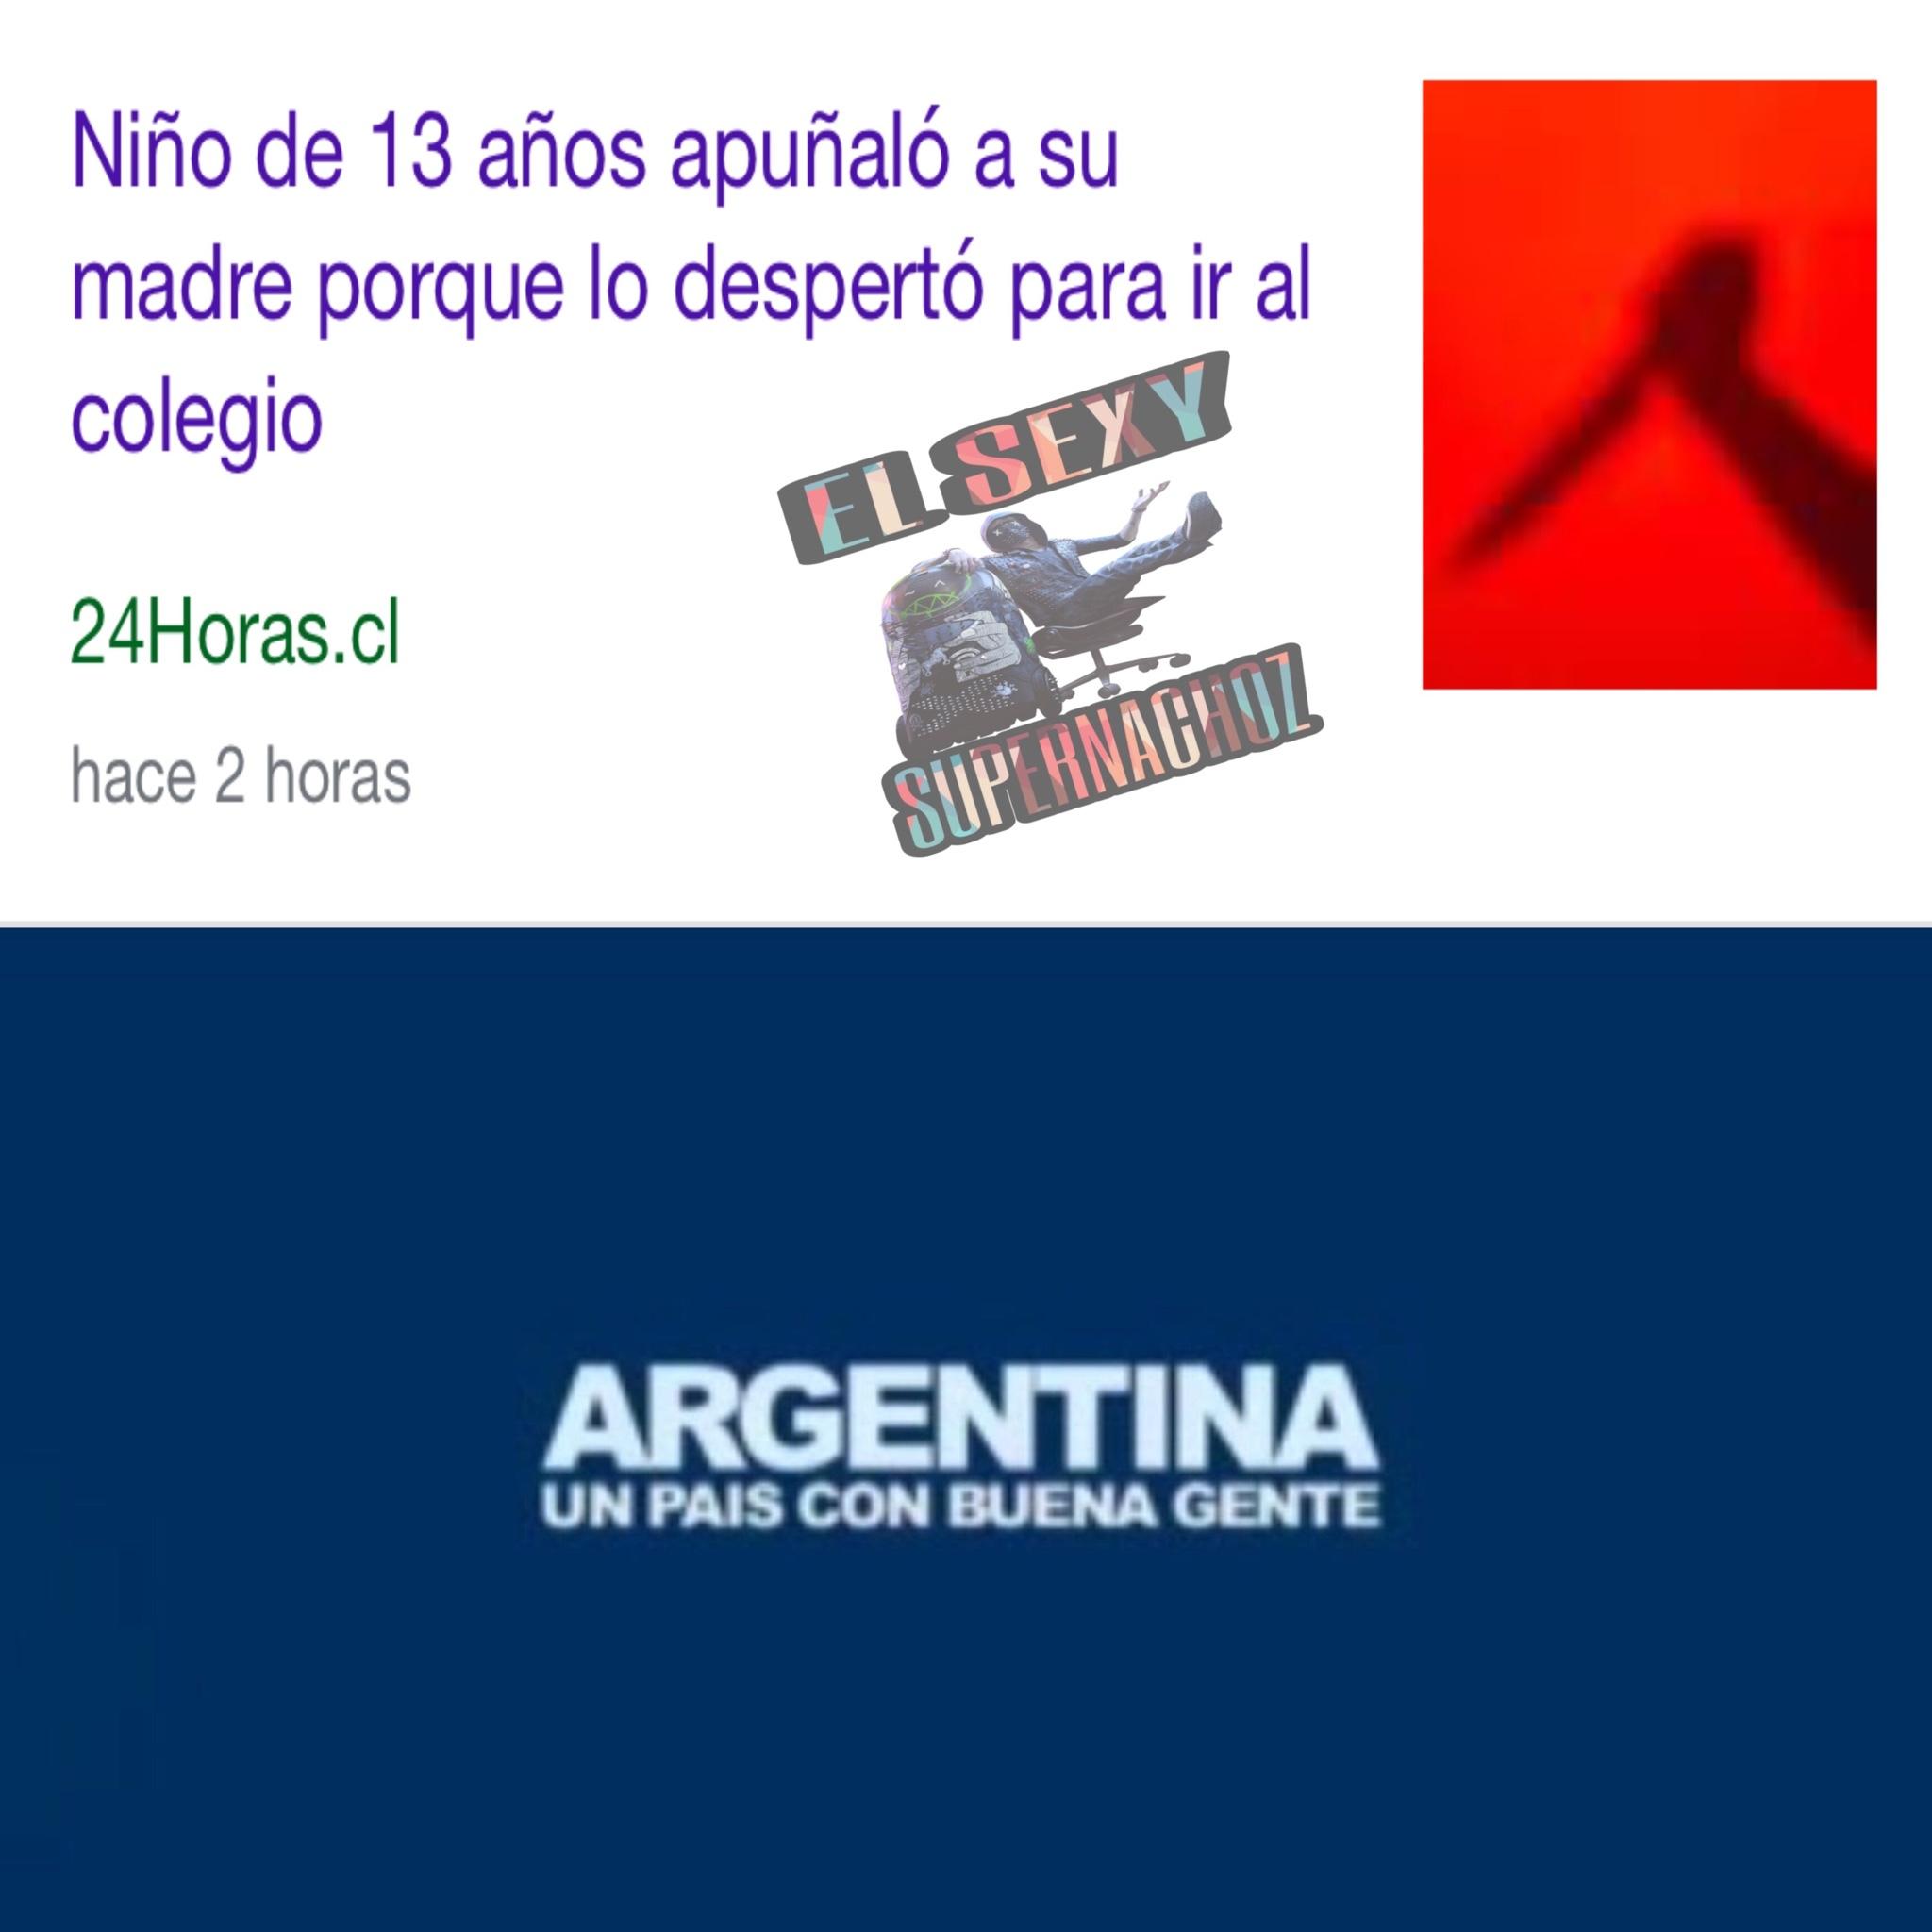 Aunque no lo crean... si, fue en Argentina - meme